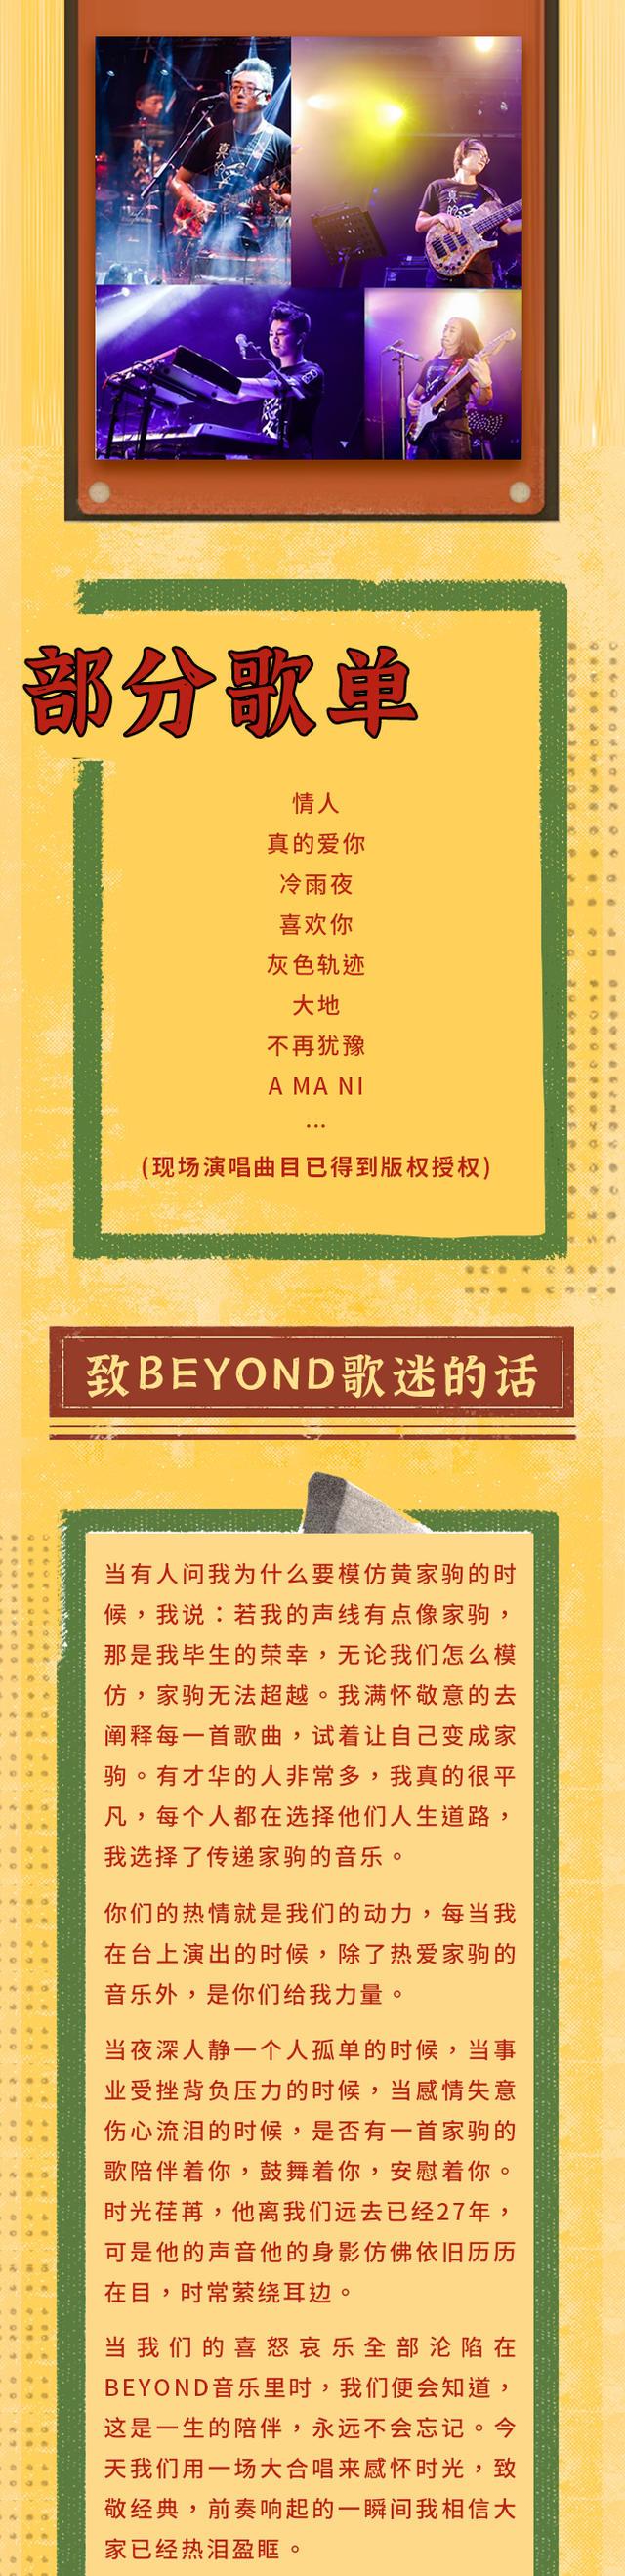 【深圳站】【致敬BEYOND】黄家驹演唱会2021NEW巡演《真的爱你》LVH